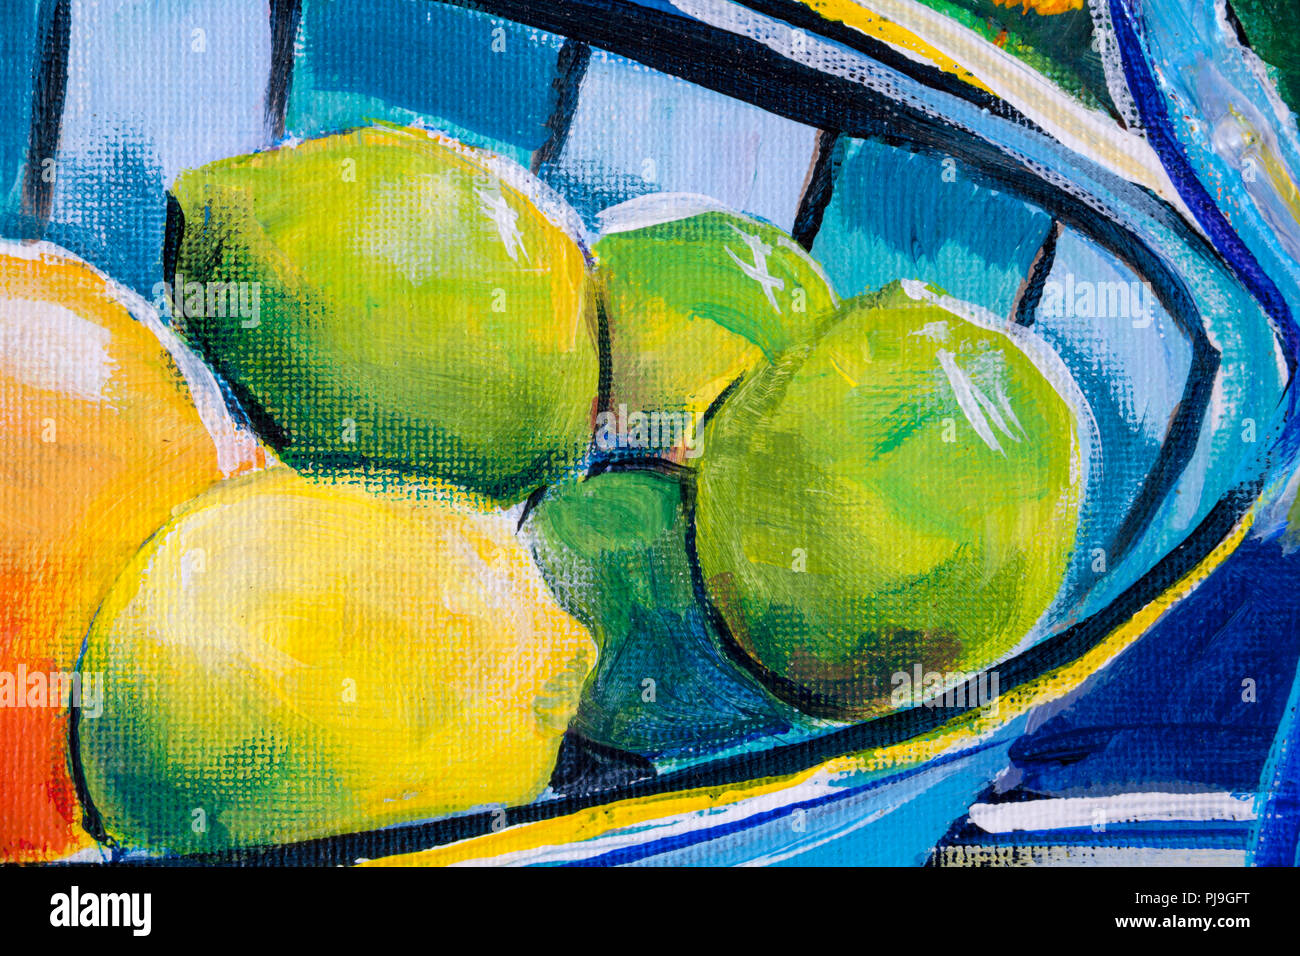 Details zu Acryl Gemälde zeigen, Farbe, Texturen und Techniken. Eine Obstschale mit Zitrusfrüchten, Limetten und eine Zitrone. Stockbild